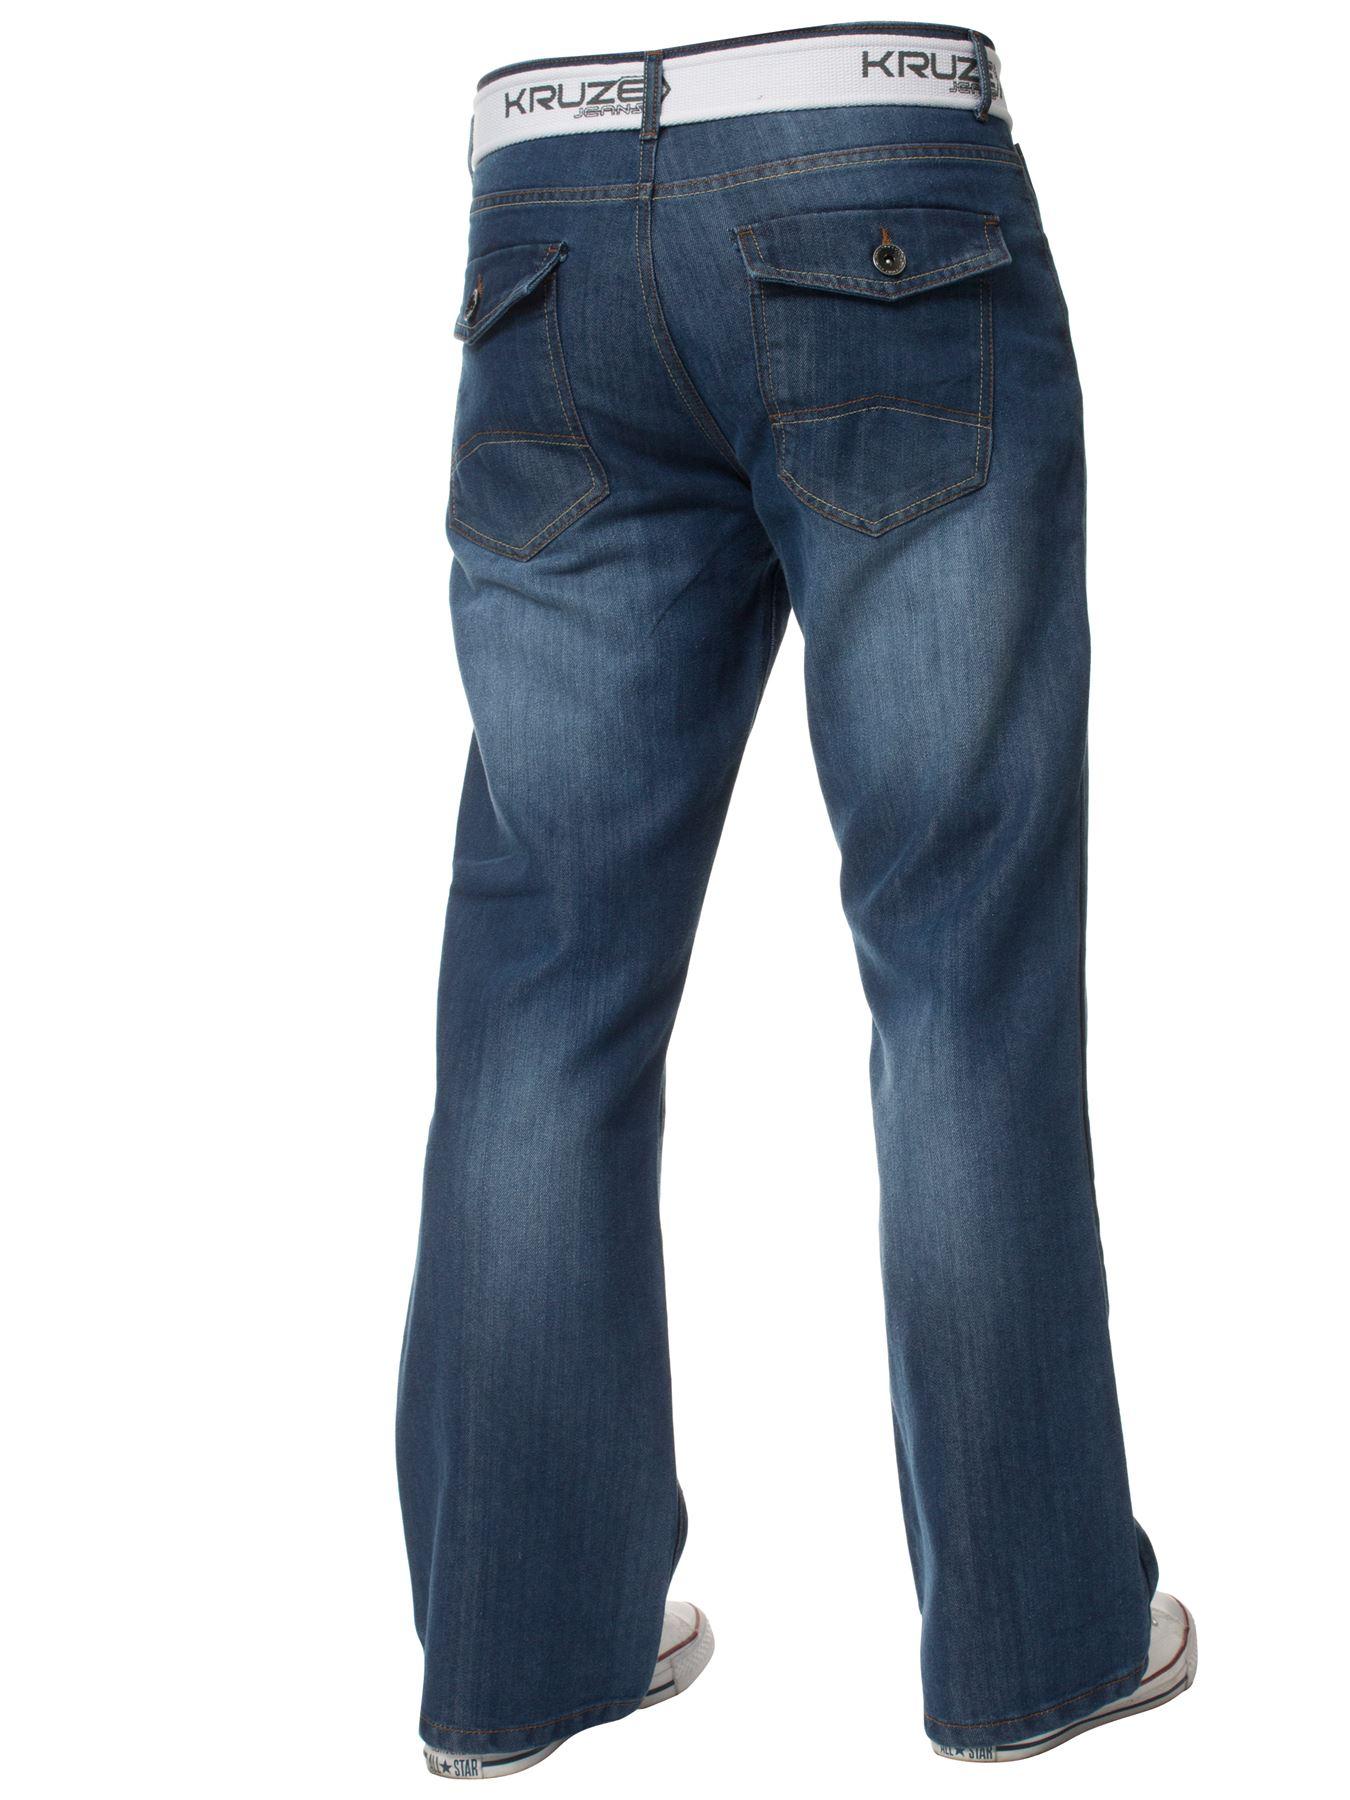 Kruze-Herren-Bootcut-Jeans-Ausgestellt-Weites-Bein-Denim-Hose-Gross-Hoch-Koenig Indexbild 5